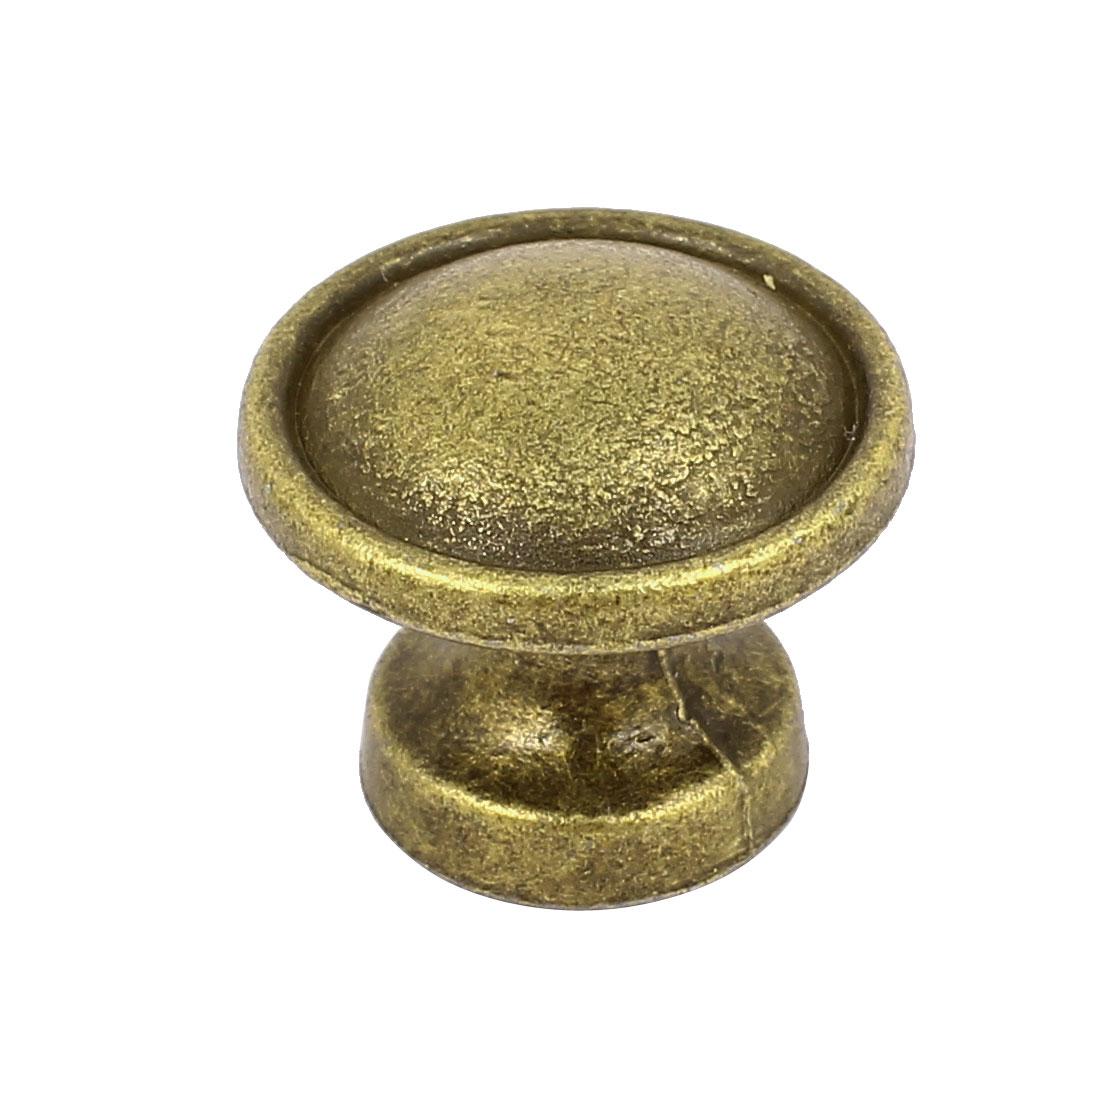 Cupboard Cabinet Door Zinc Alloy Round Shape Screw Type Pull Knob Bronze Tone